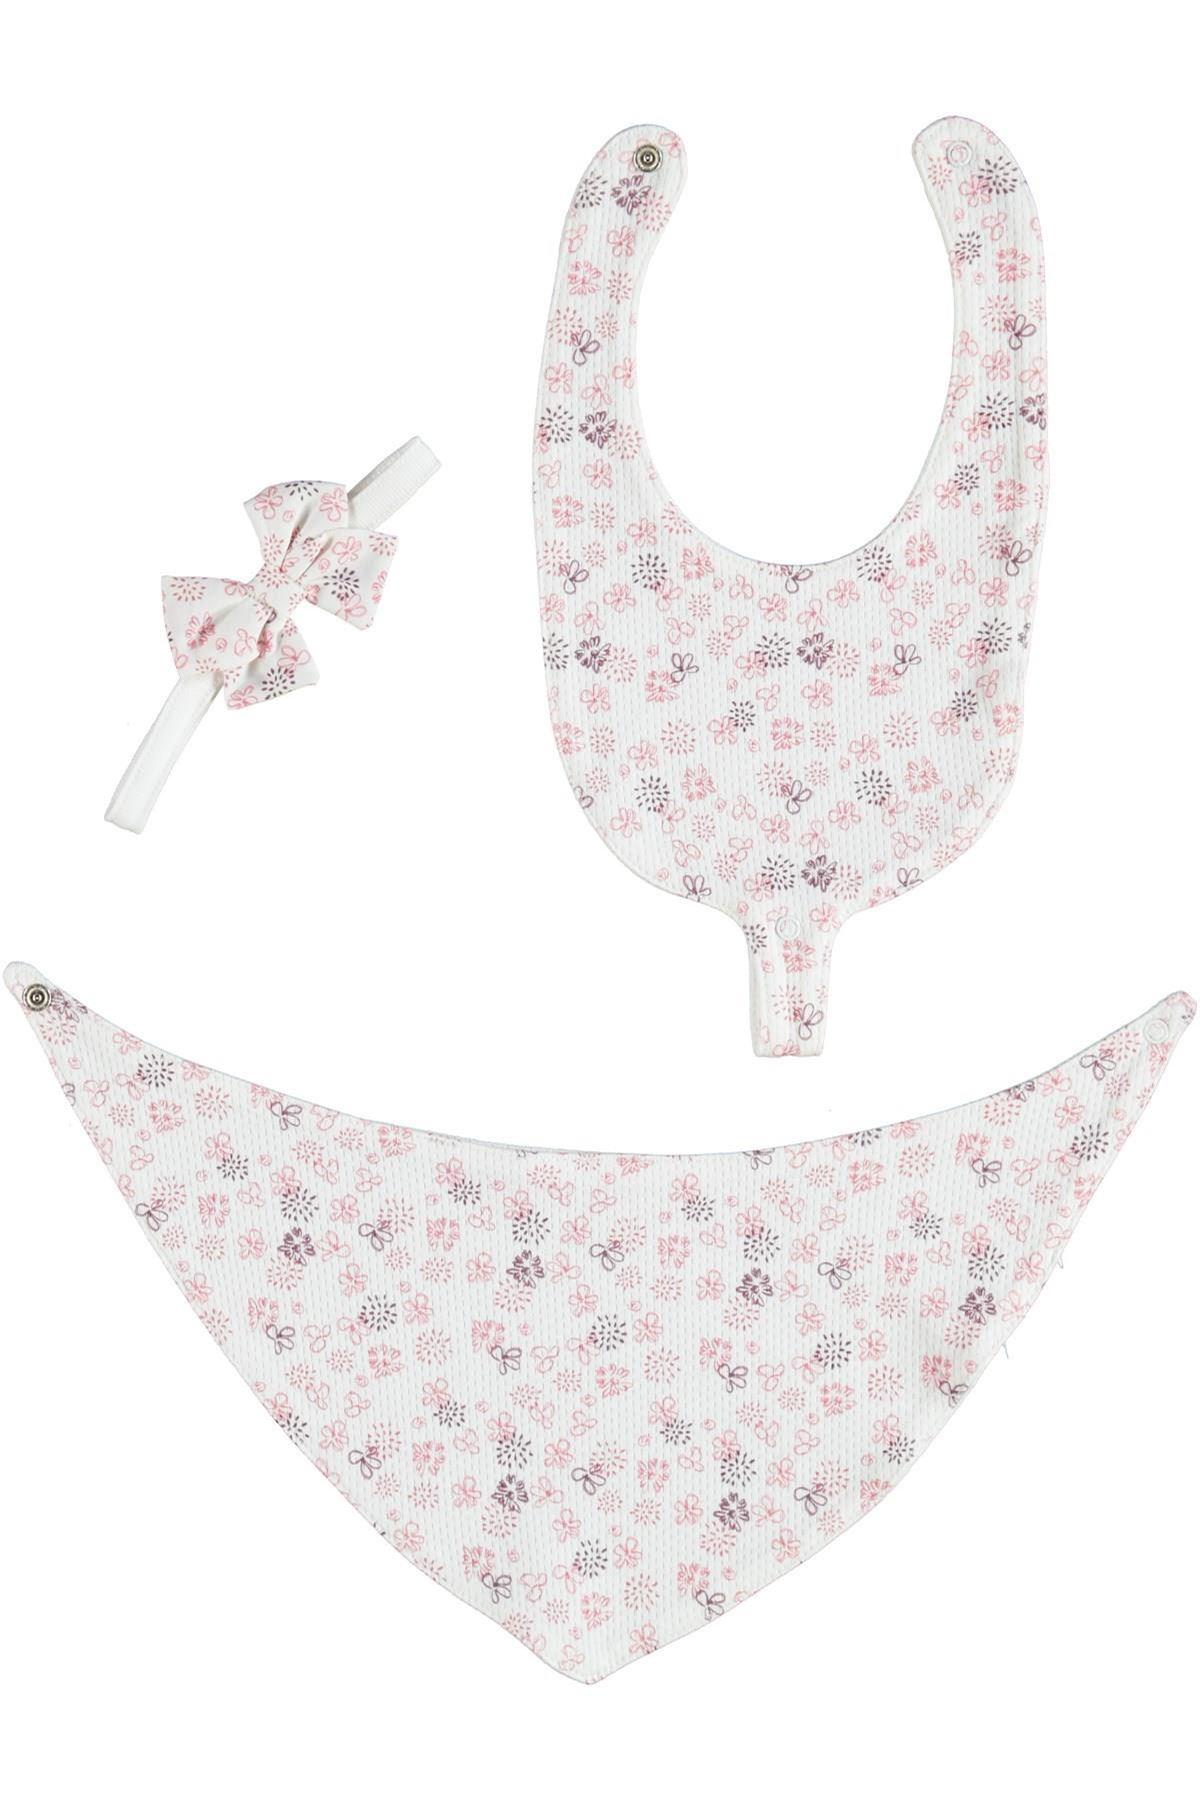 Bibaby Pink Clover 3 lü Fular Önlük 75101 Pembe